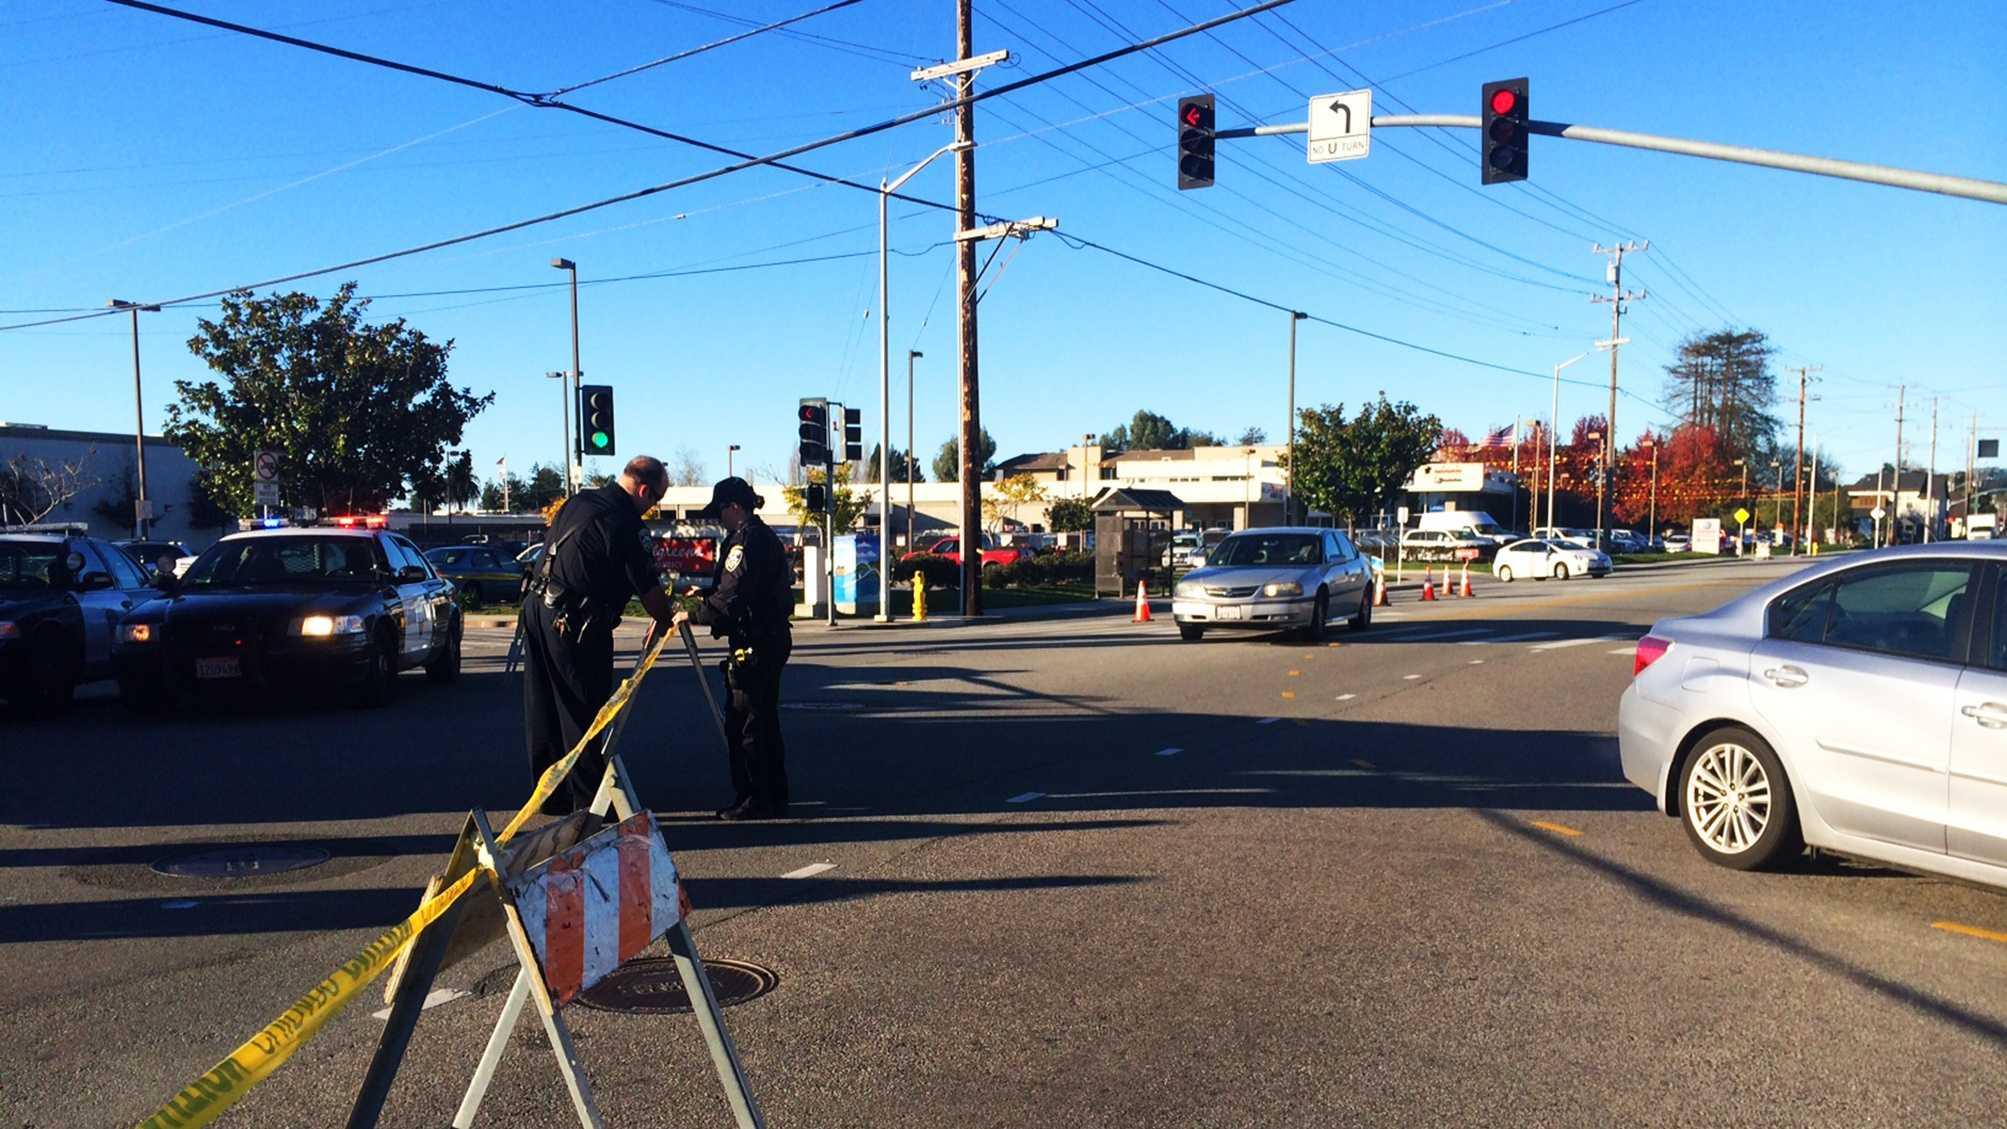 A bicyclist was killed here on Soquel Avenue in Santa Cruz Friday. (Dec. 26, 2014)